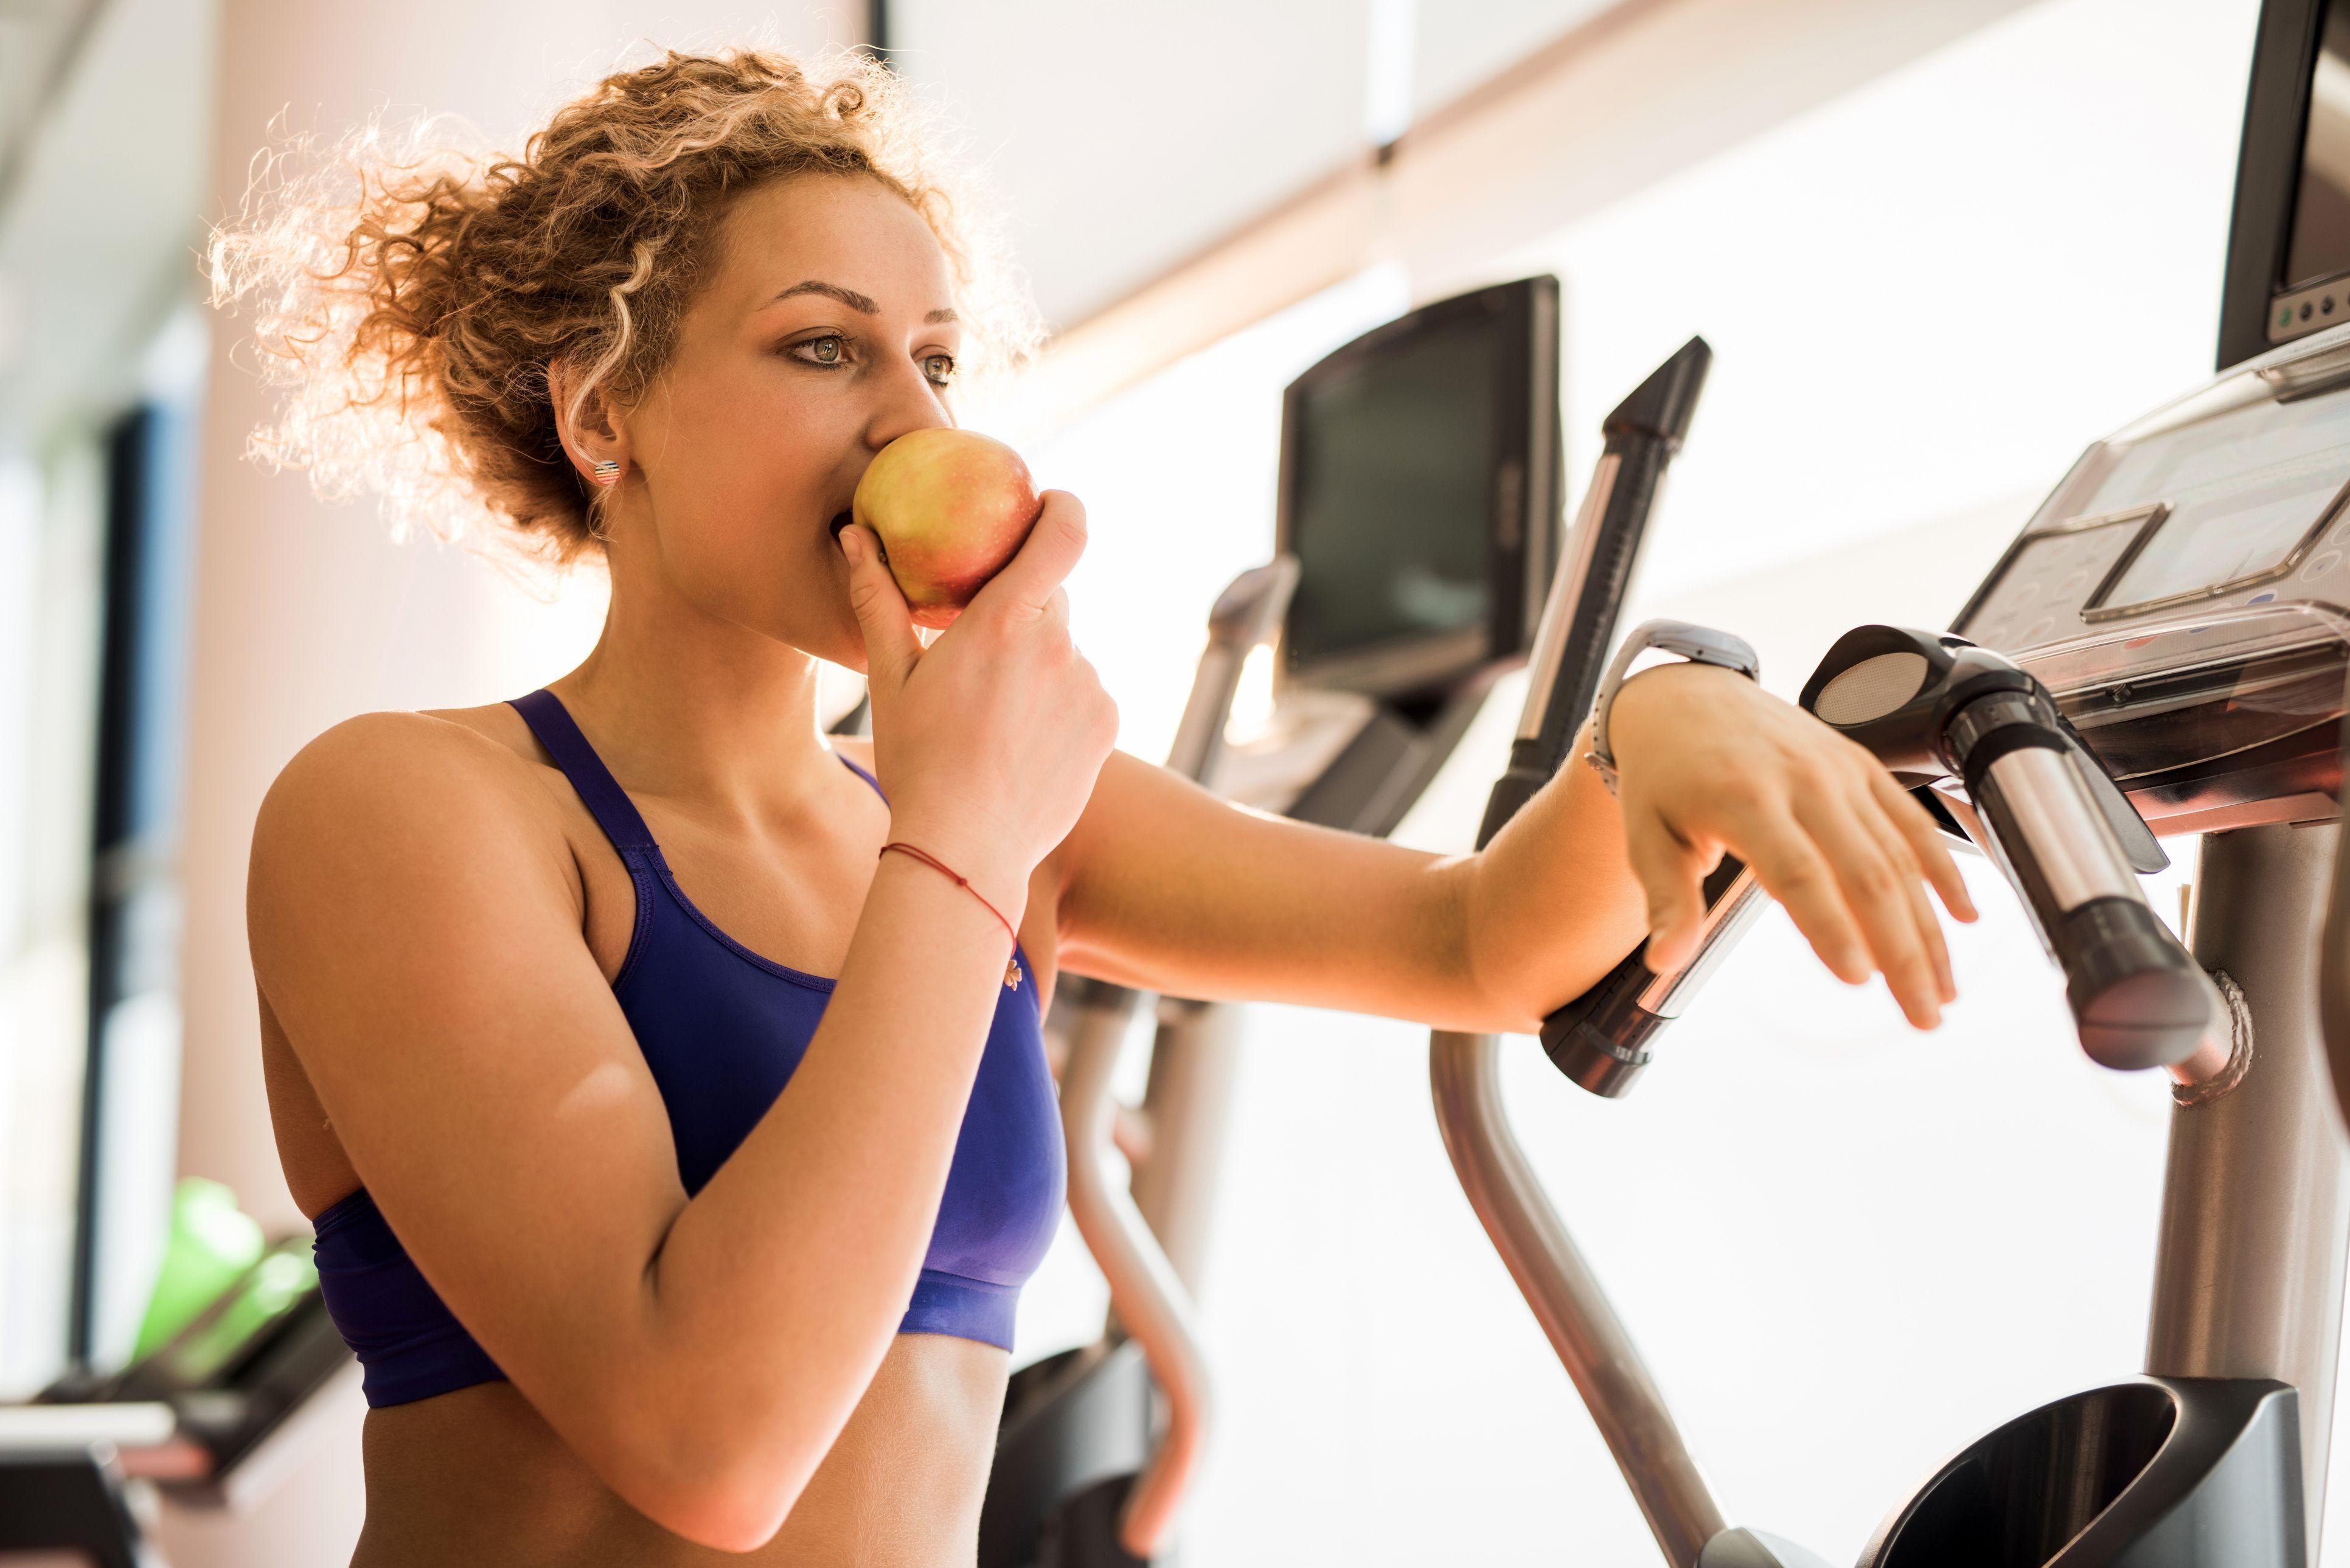 Mulher comendo maçã no intervalo do exercício físico | Prevenção de doenças cardiovasculares